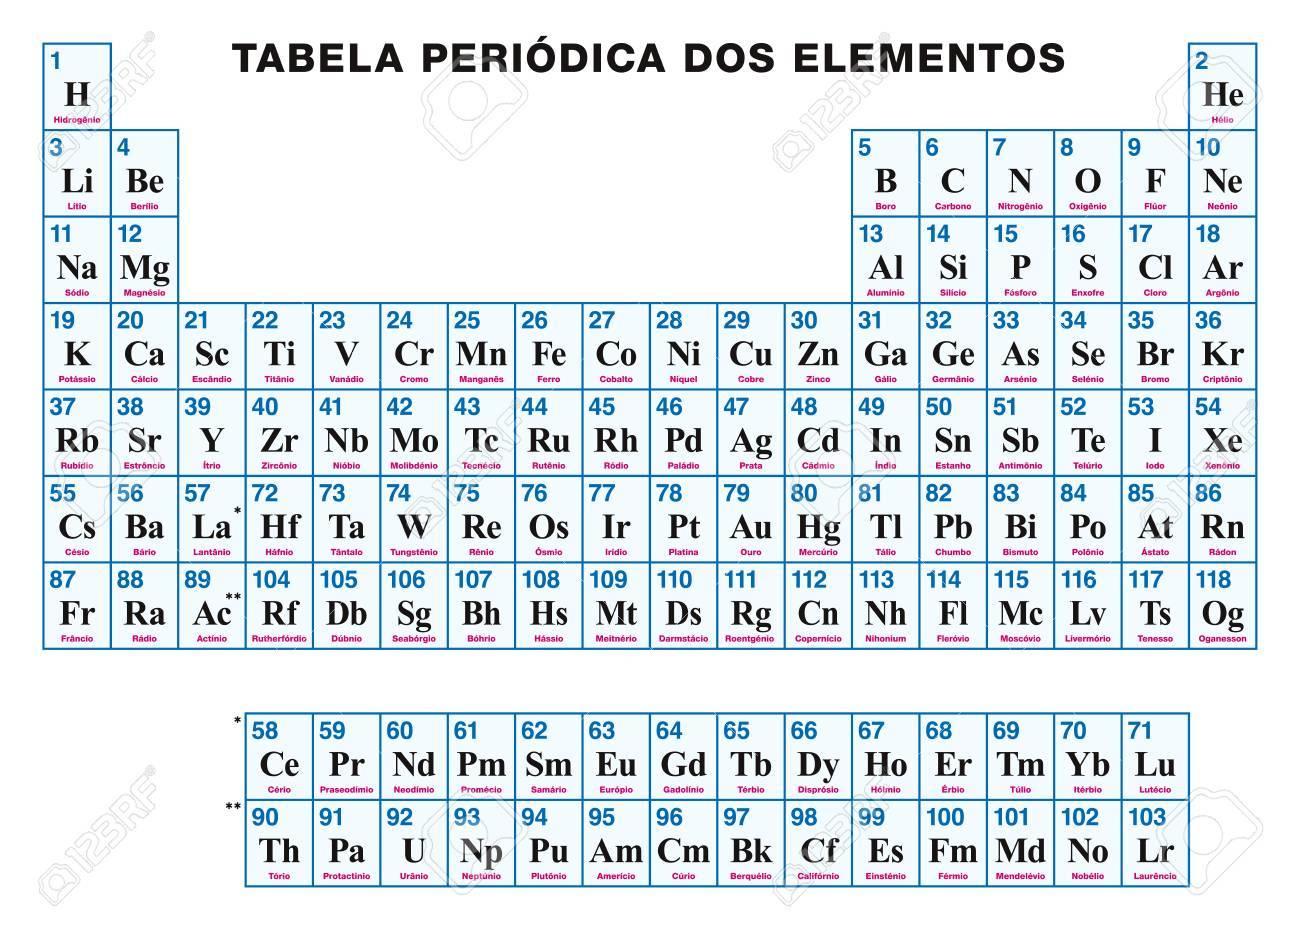 Tabla peridica de los elementos portugus disposicin tabular de foto de archivo tabla peridica de los elementos portugus disposicin tabular de los elementos qumicos con nmeros atmicos smbolos y nombres urtaz Choice Image